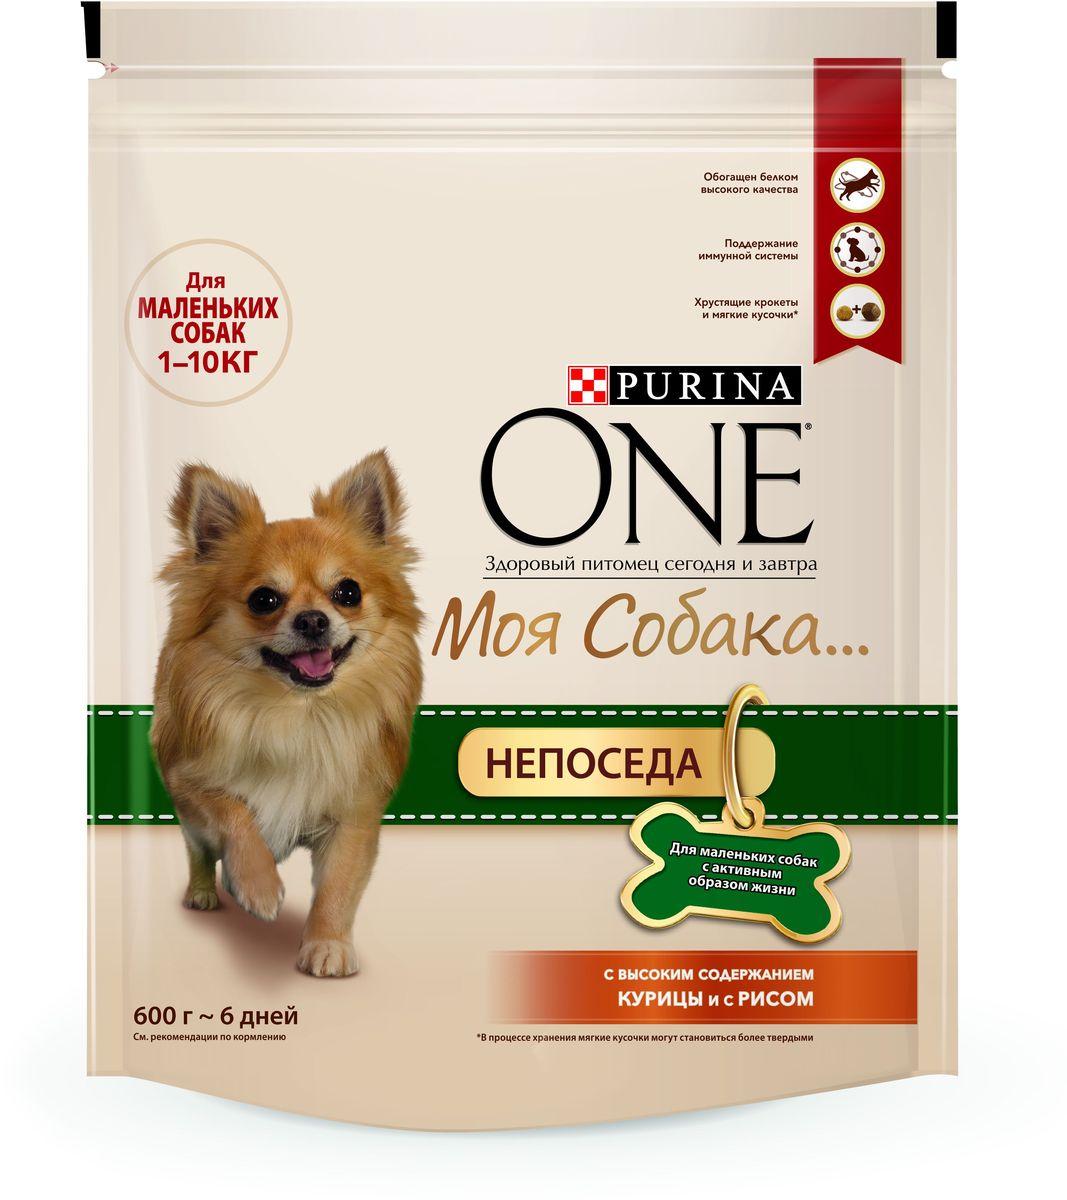 Корм сухой Purina One Мини Моя Собака…Непоседа, с курицей и рисом, 600 г57923Корм сухой Purina One Мини Моя Собака…Непоседа - вкусное сочетание хрустящих крокетов и мягких кусочков с высоким содержанием курицы, отличается высоким уровнем протеинов, которые обеспечивают необходимый заряд энергии и поддержание крепкой иммунной системы. Товар сертифицирован.